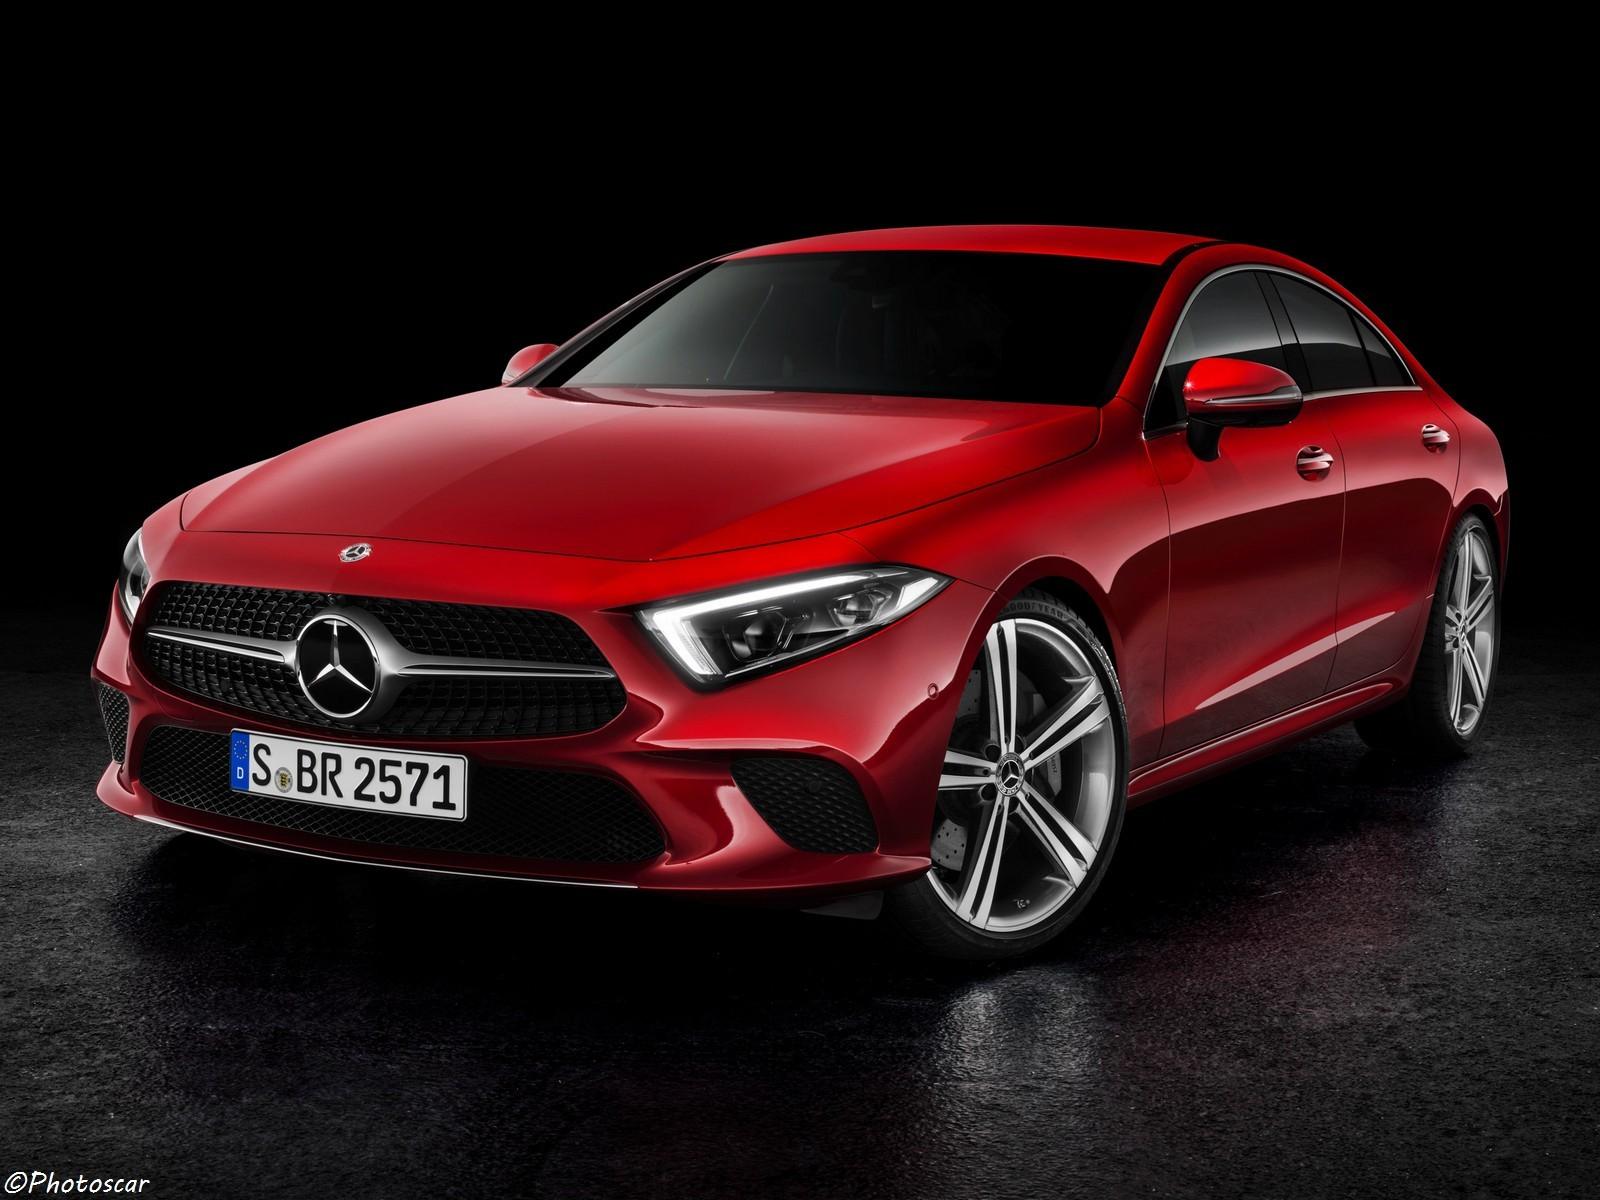 La Mercedes CLS 450 2018 est une berline luxueuse et décontracté